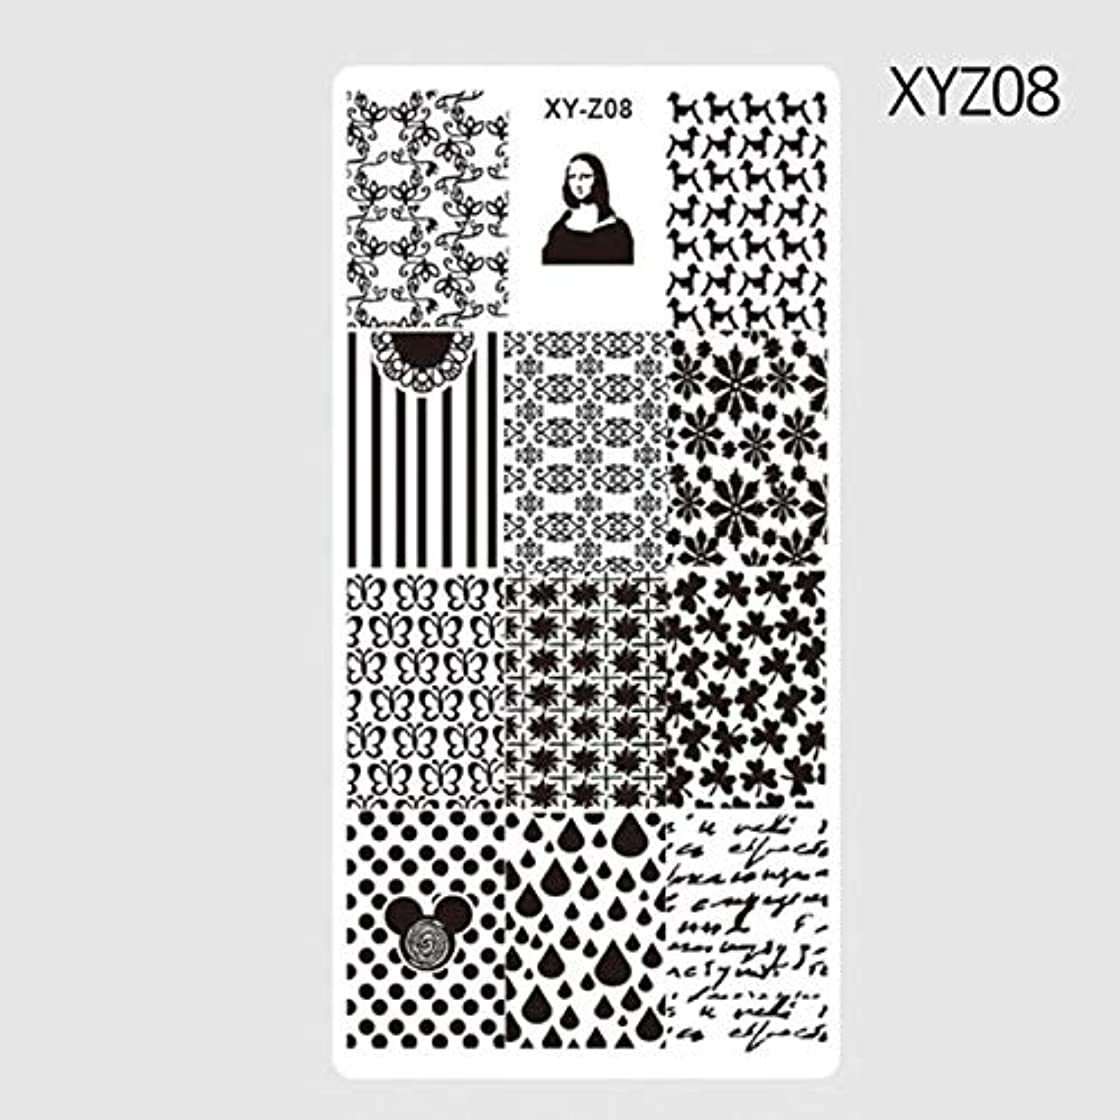 フォアタイプ切断する多様性CELINEZL CELINEZL 3 PCS長方形ネイルスタンピングテンプレート風車の花のパターンDIYネイルデザイン(XYZ01) (色 : XYZ08)